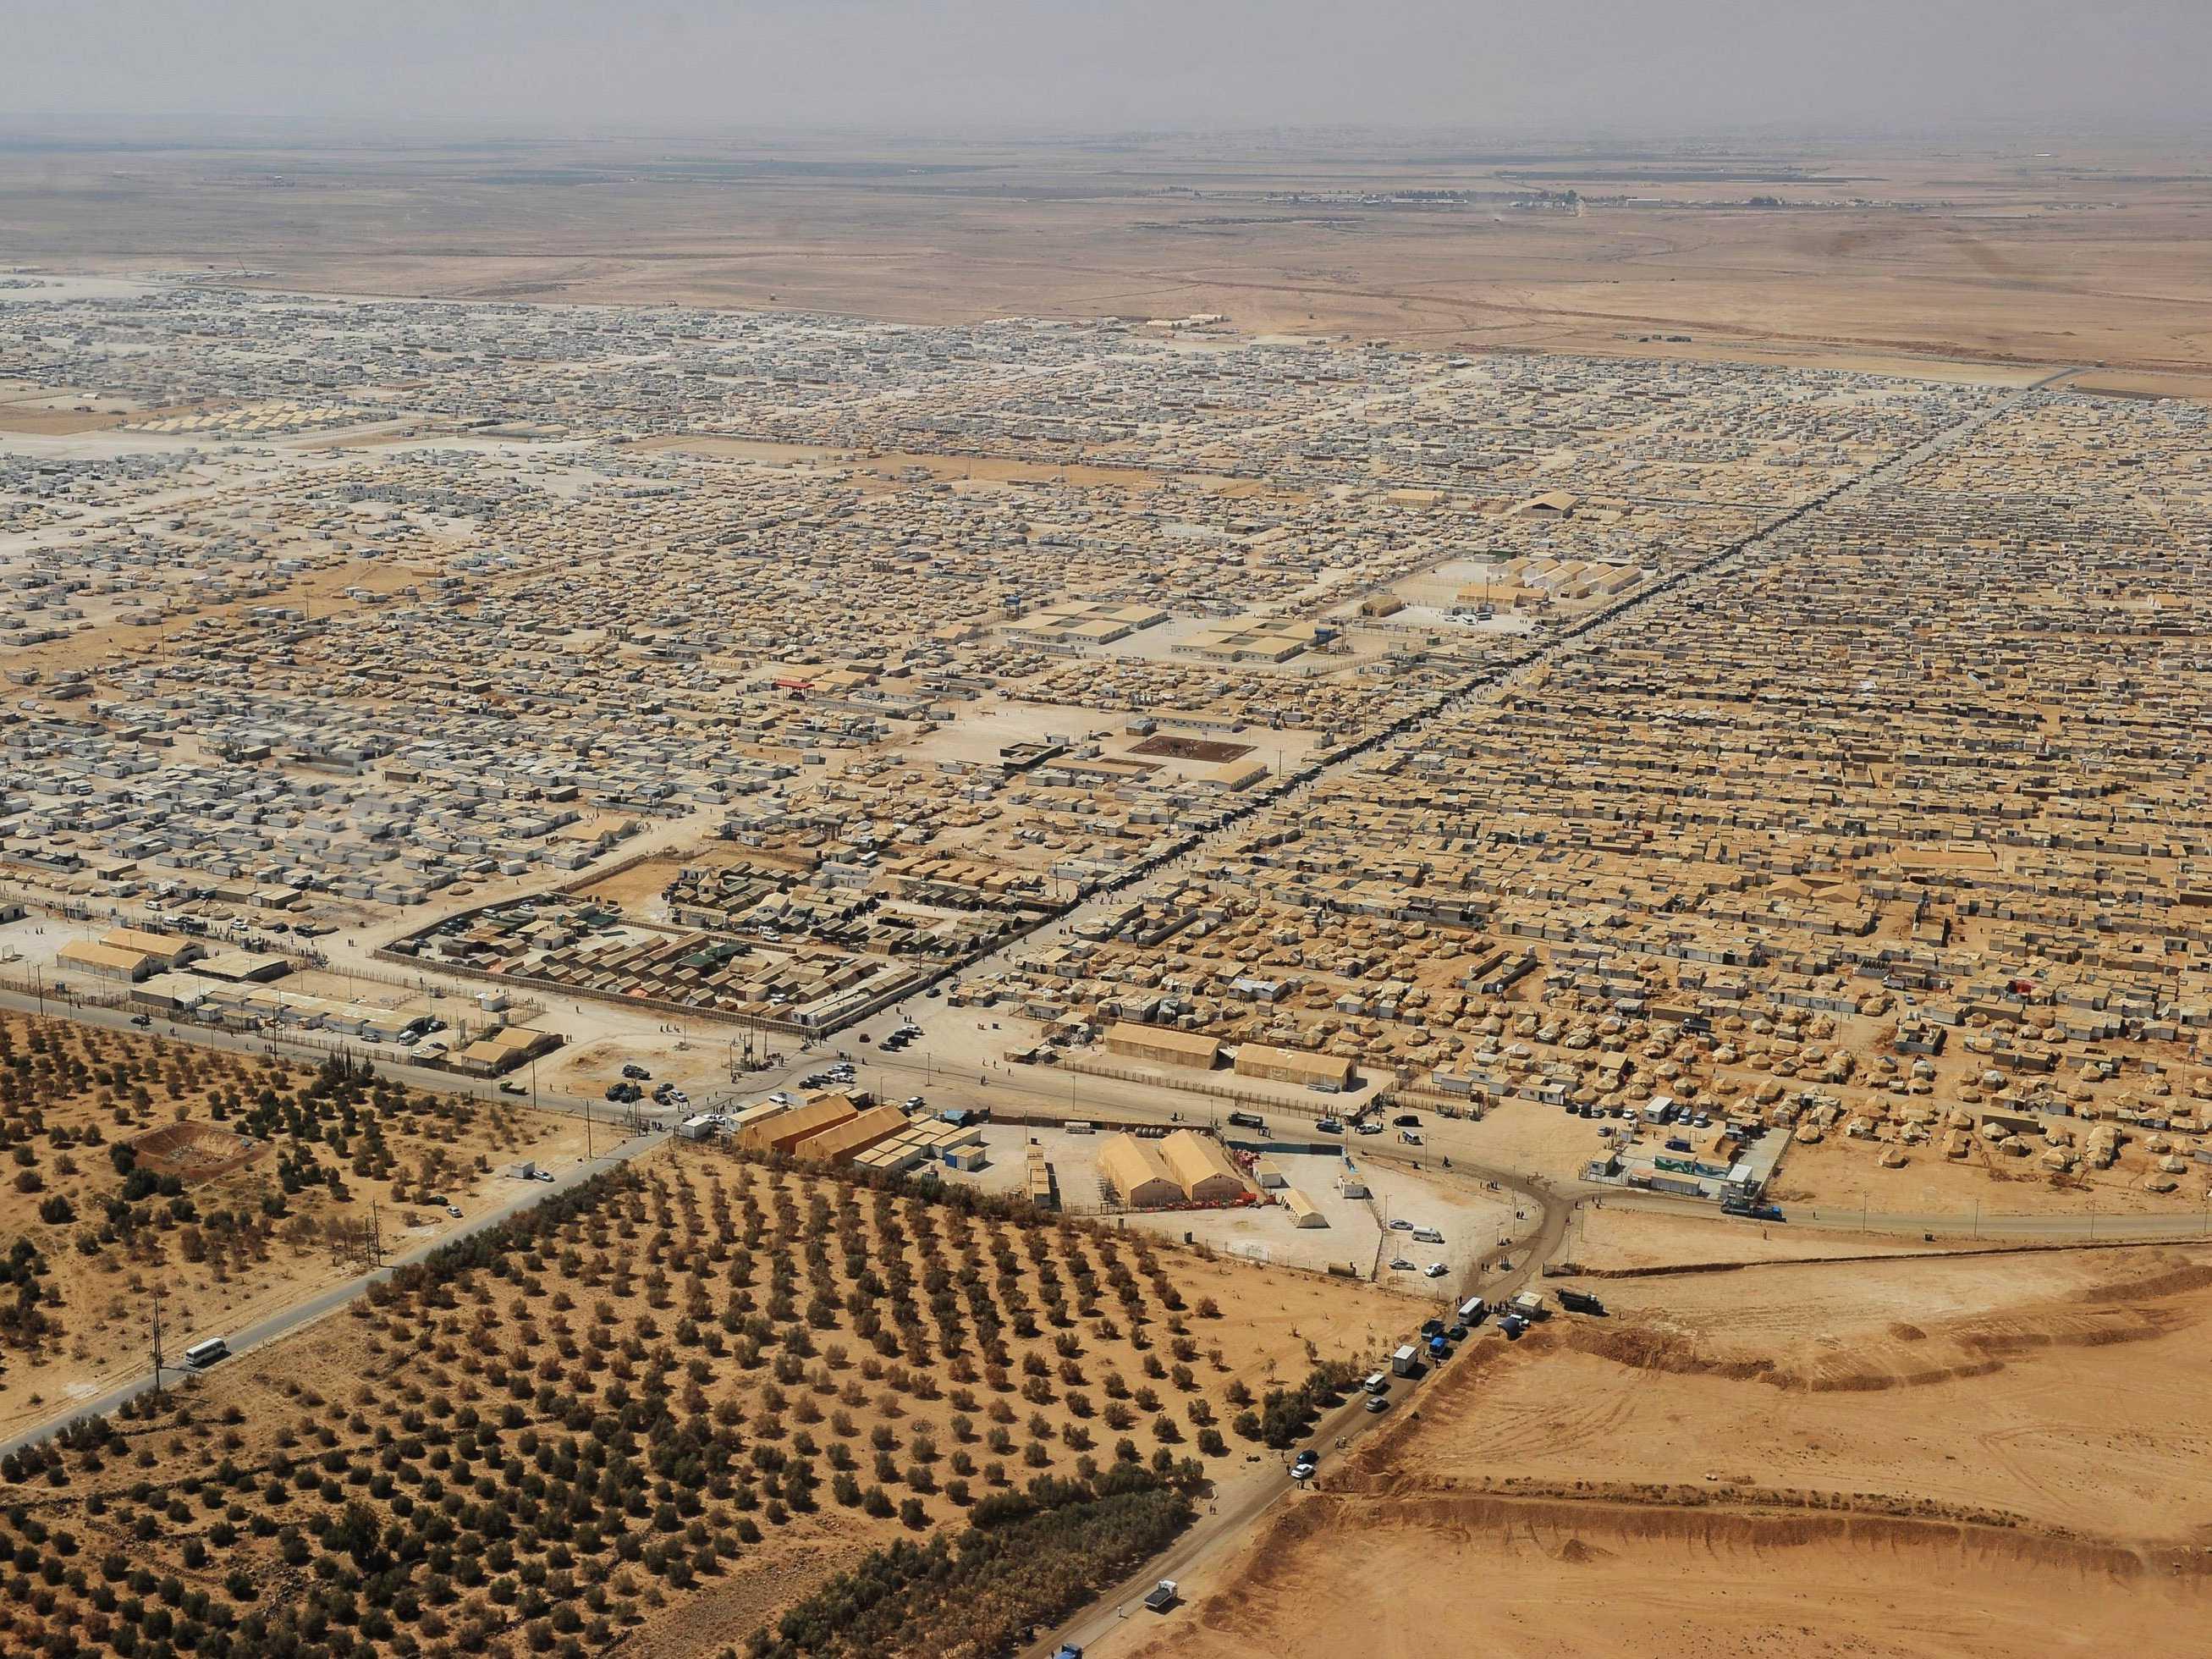 راي اليوم: وصول عدد اللاجئين السورين الى ربع سكان الاردن يشكل تهديدا امنيا وديموغرافيا